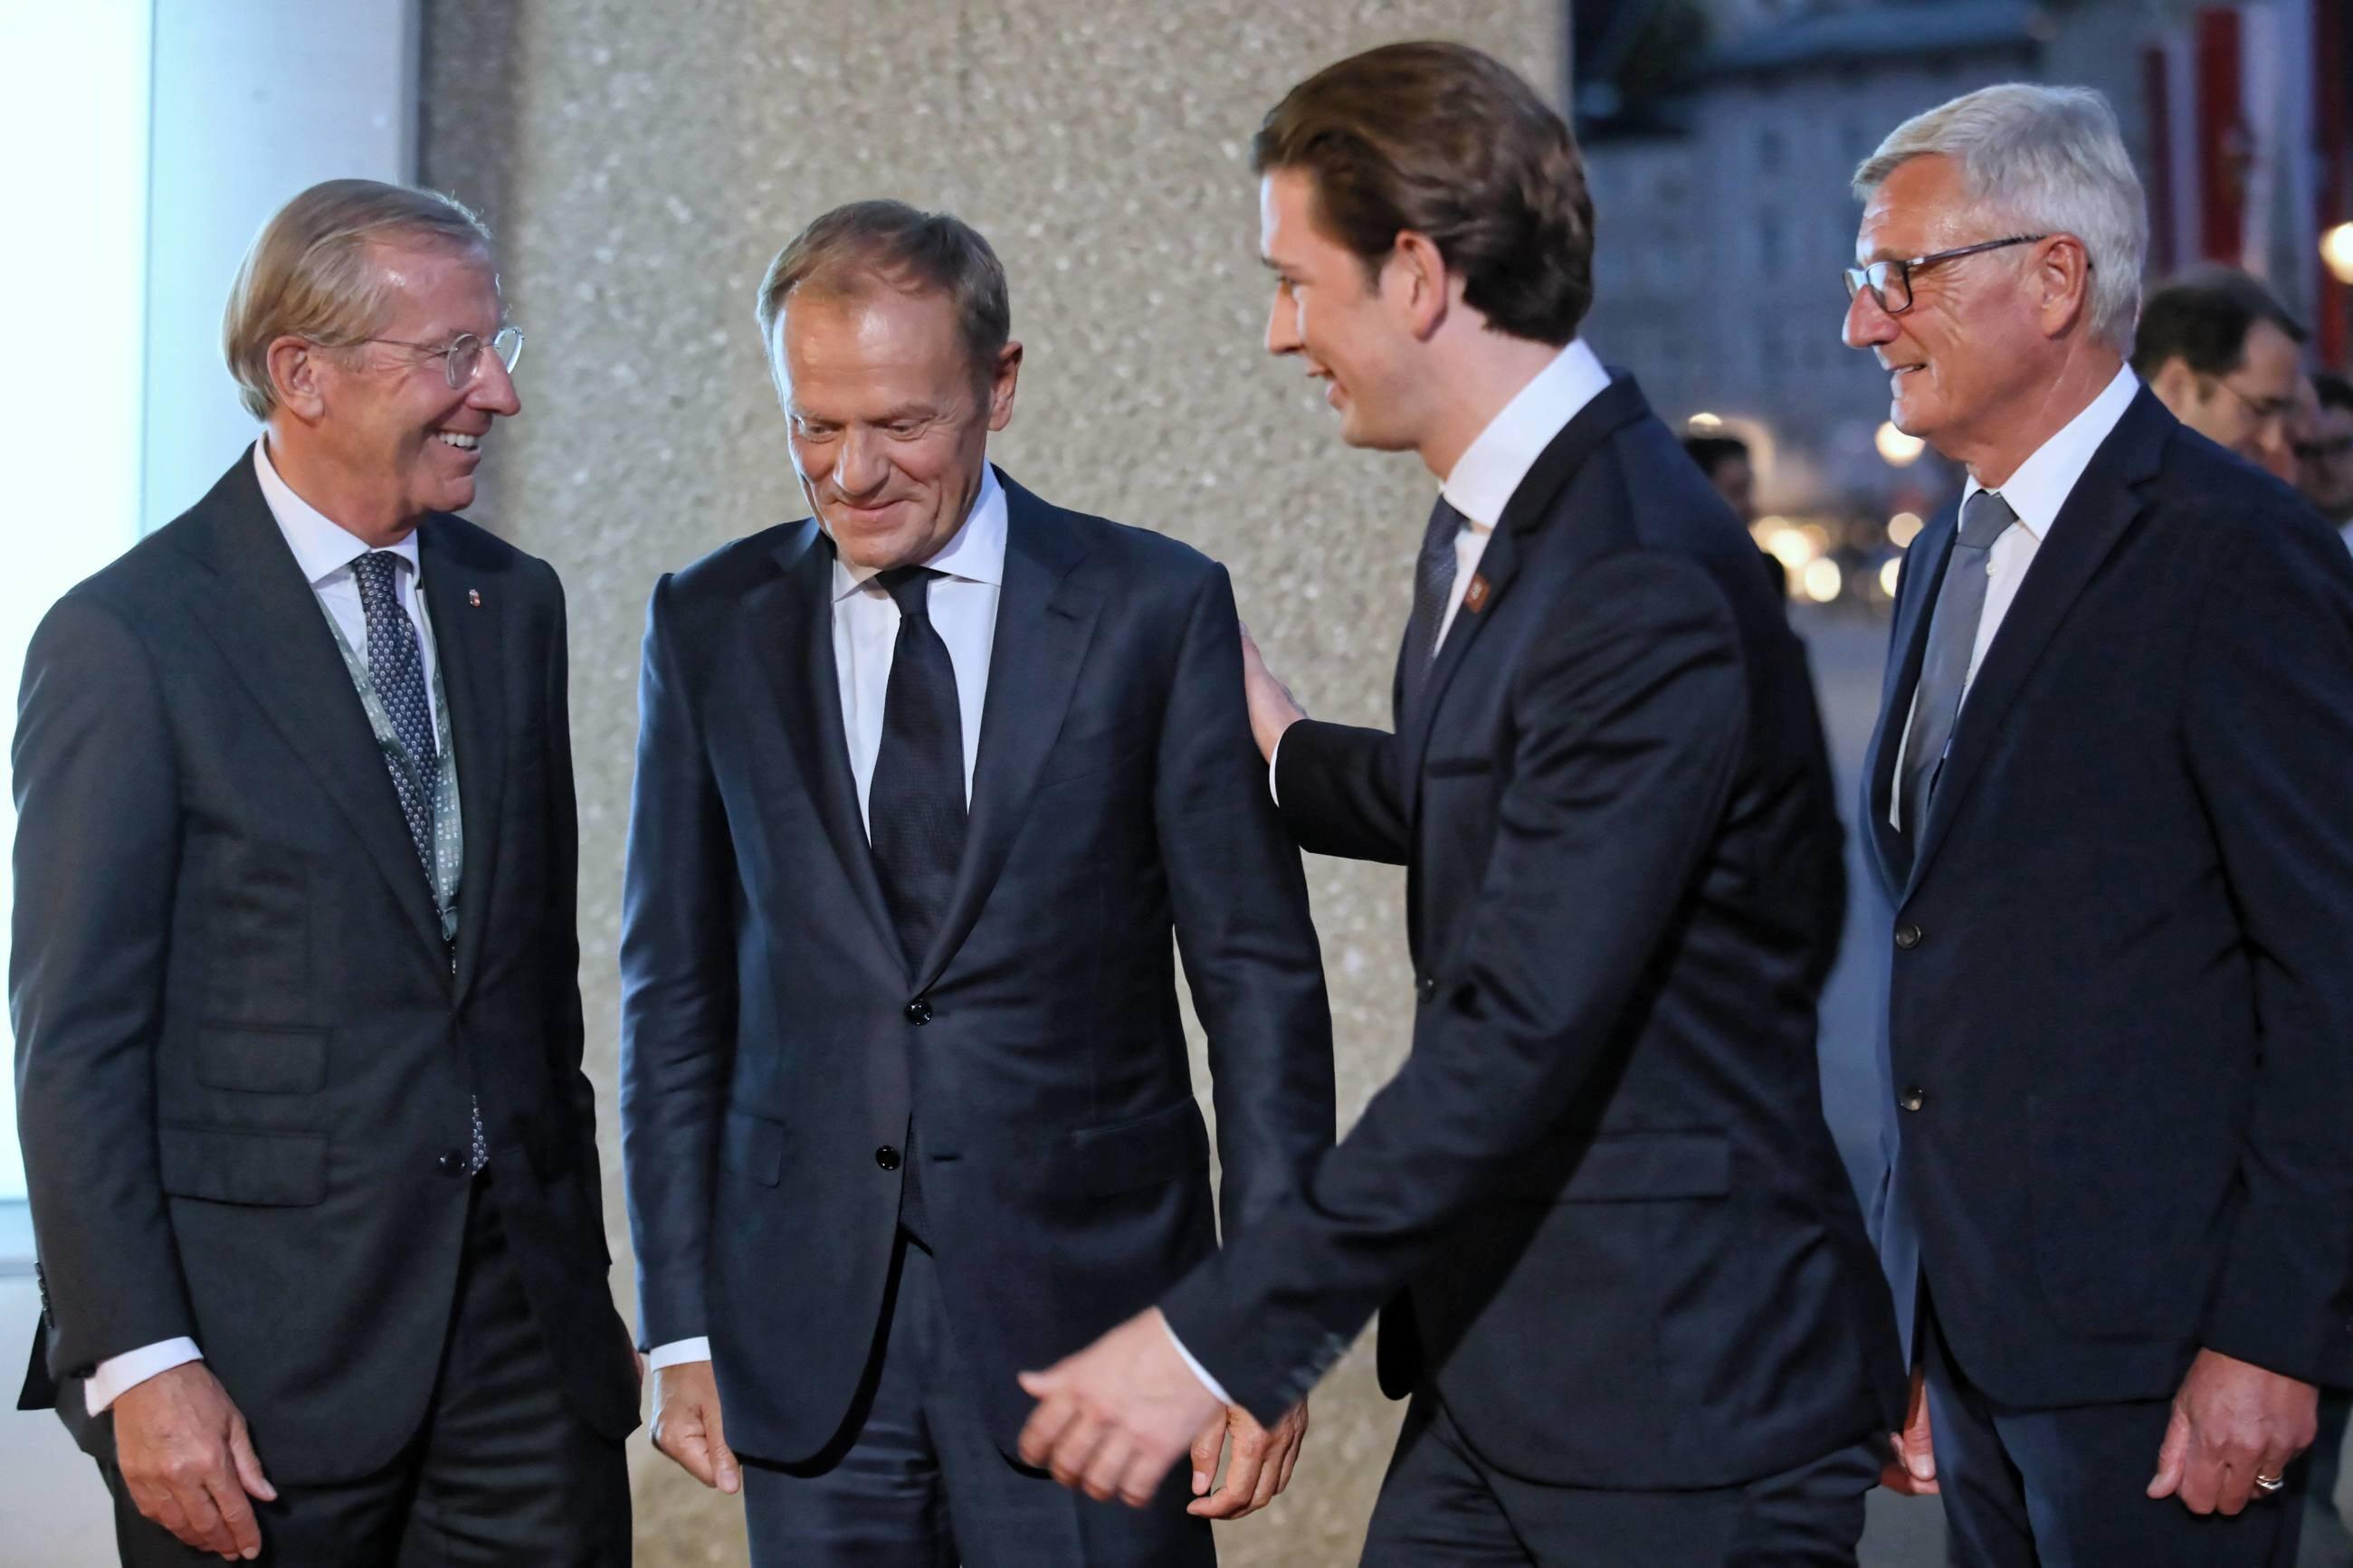 Salzburg. Przewodniczący Rady Europejskiej Donald Tusk (2L) i kanclerz Austrii Sebastian Kurz (2P) podczas powitania przed uroczystym obiadem.